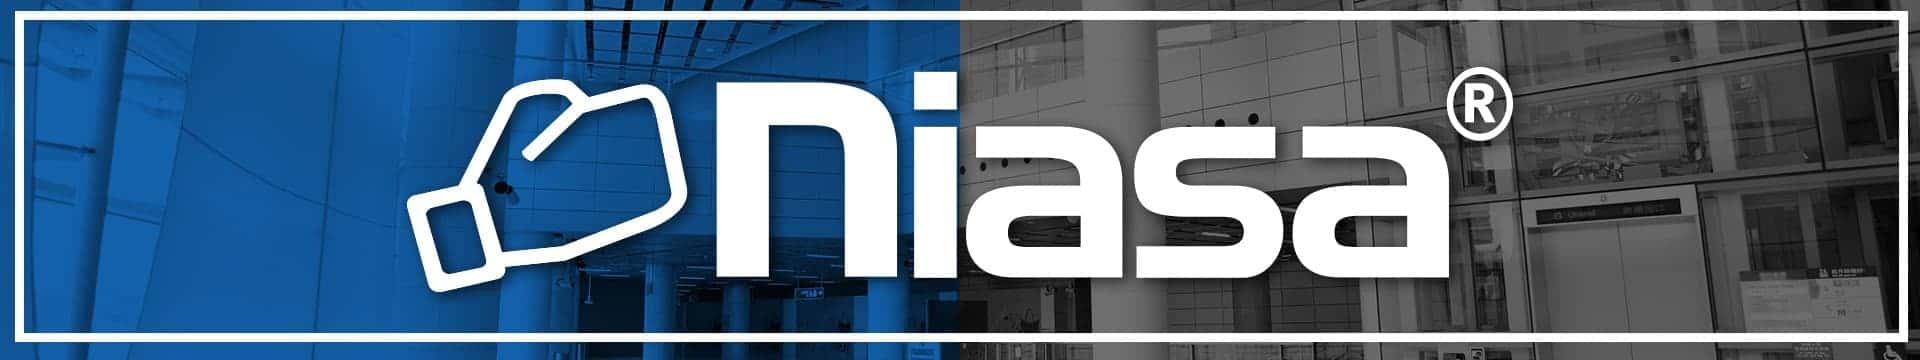 banner-productos-niasa